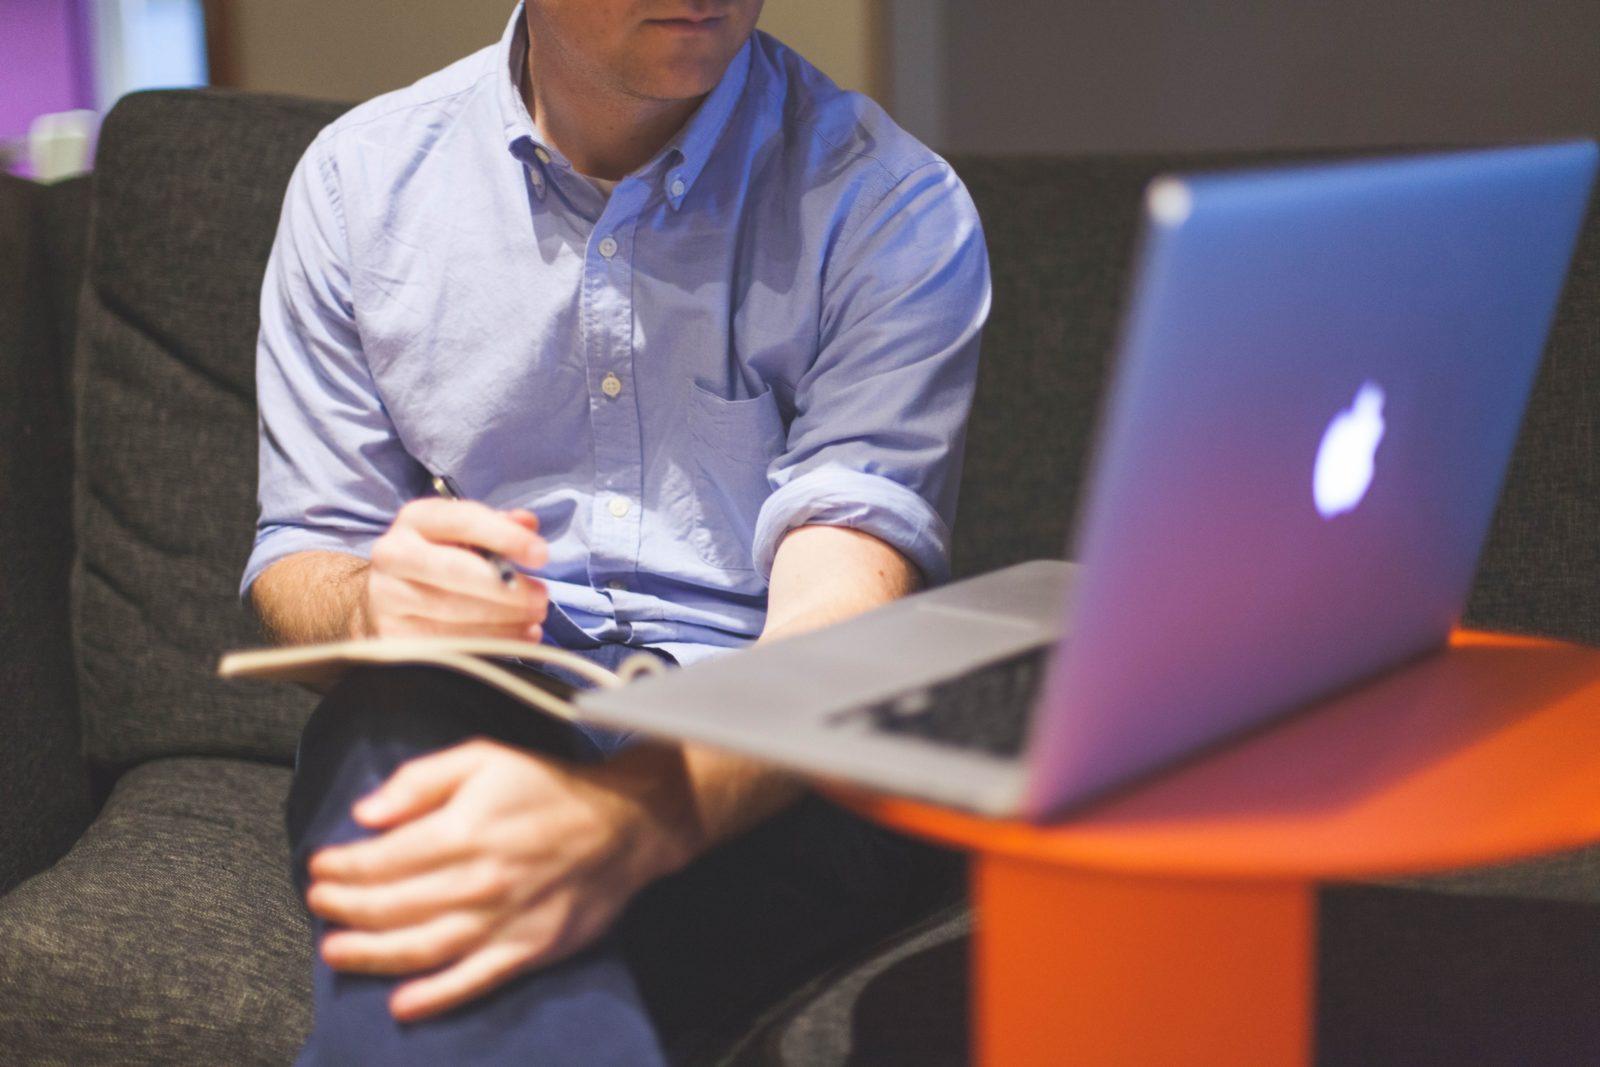 Человек работает за компьютером